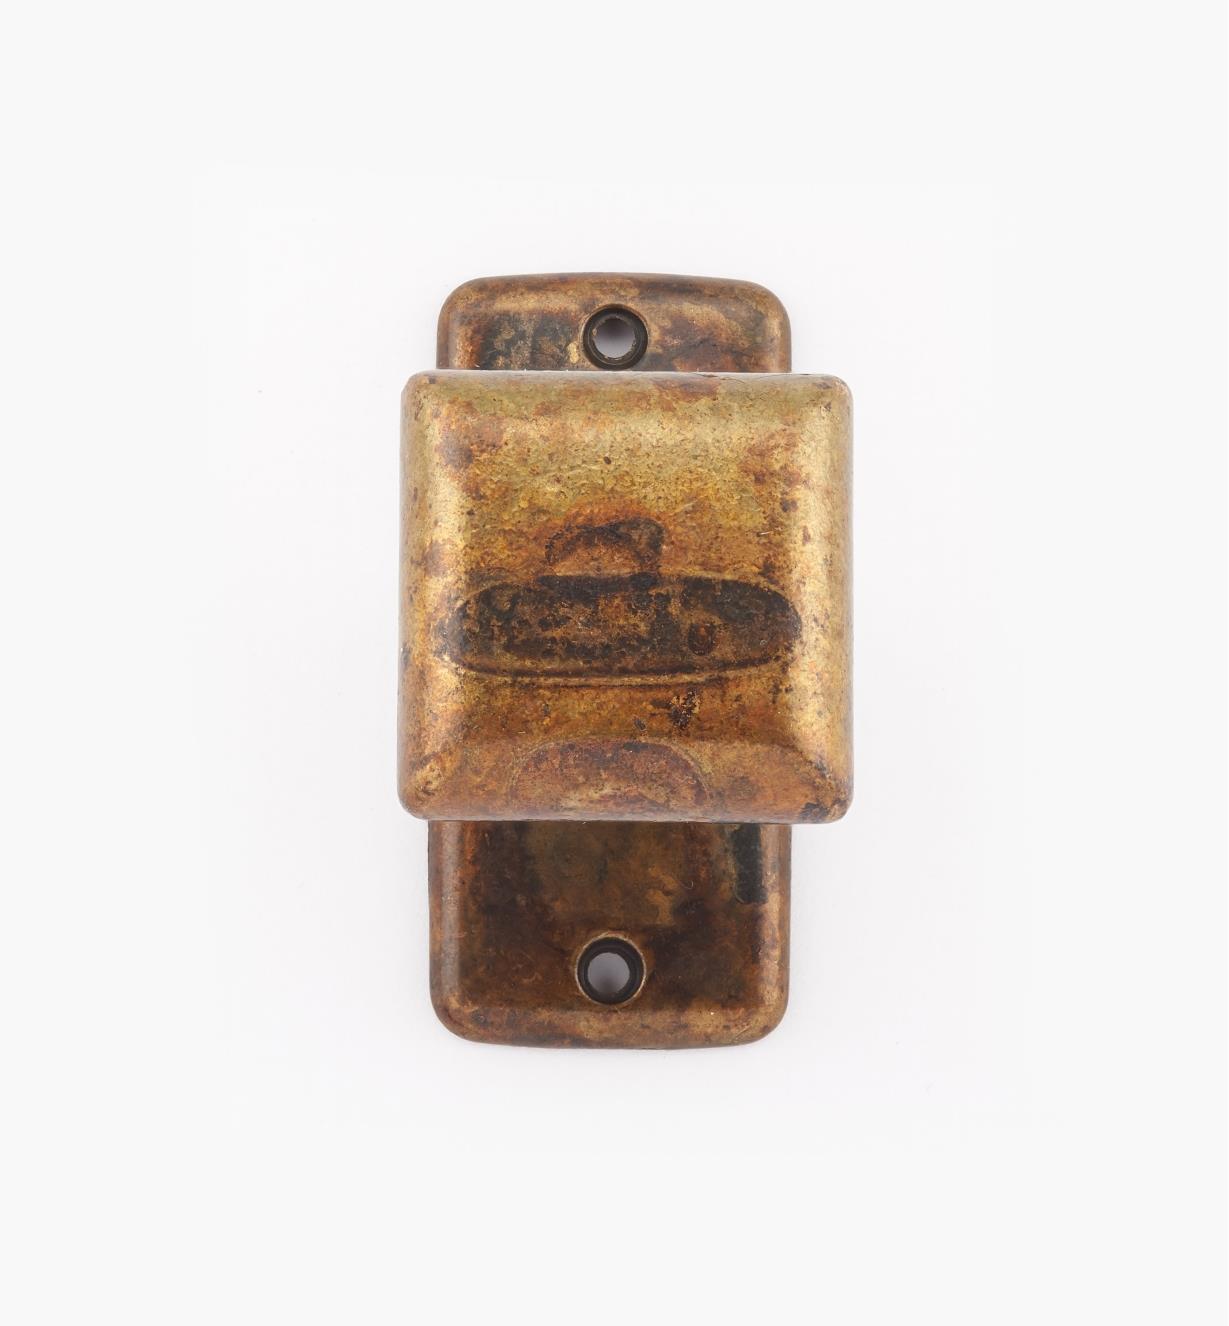 01X4004 - Old Brass Classic Sq. Knob w/ Backplate